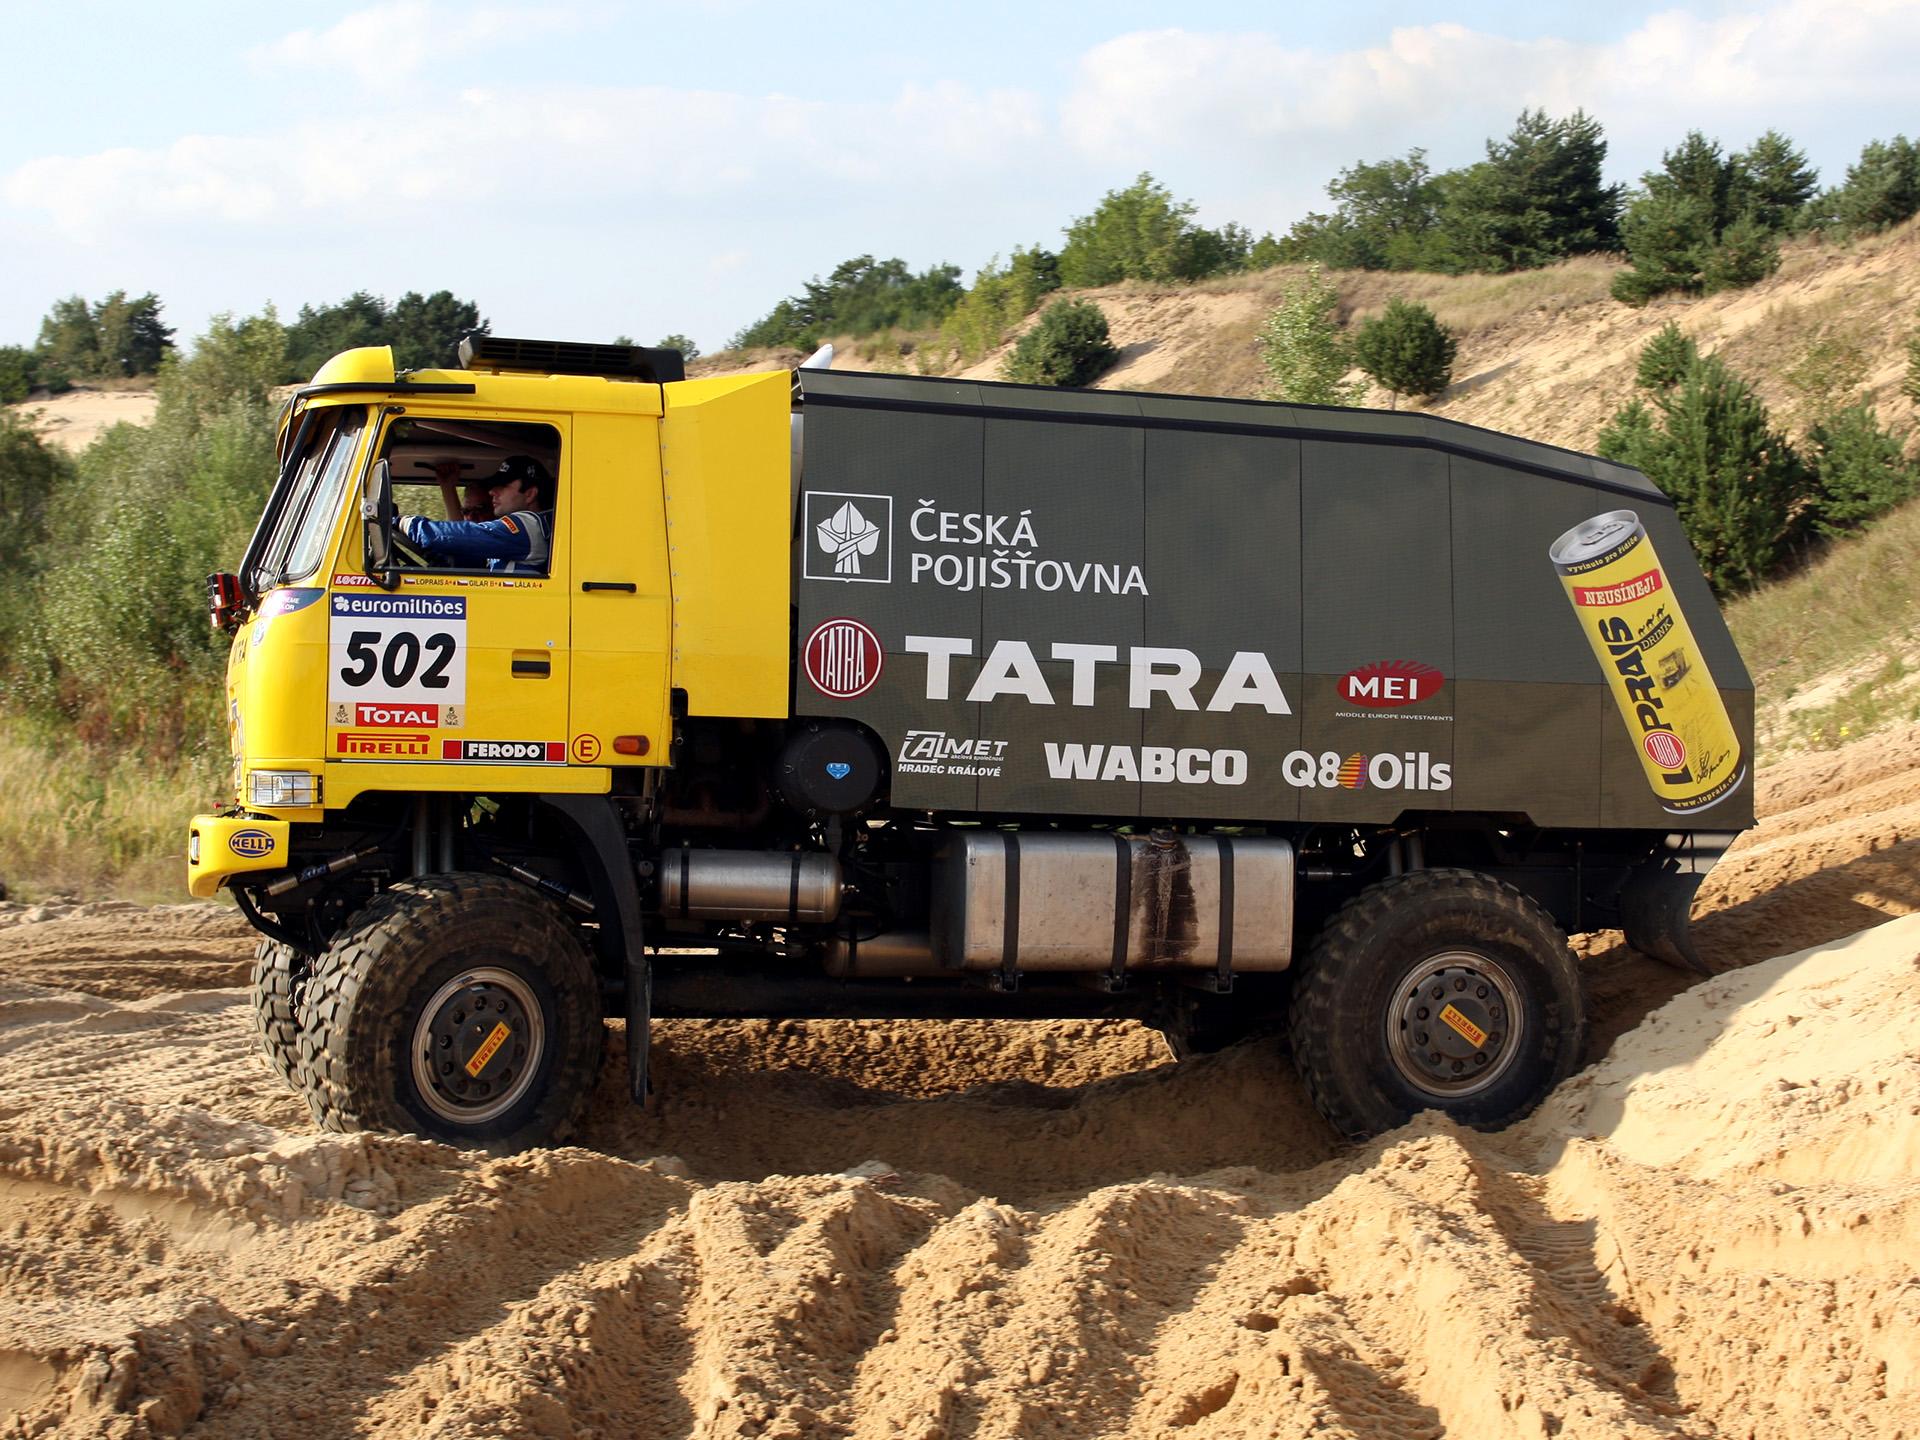 2007 Tatra T815 4x4 Rally Truck race racing offroad f ...